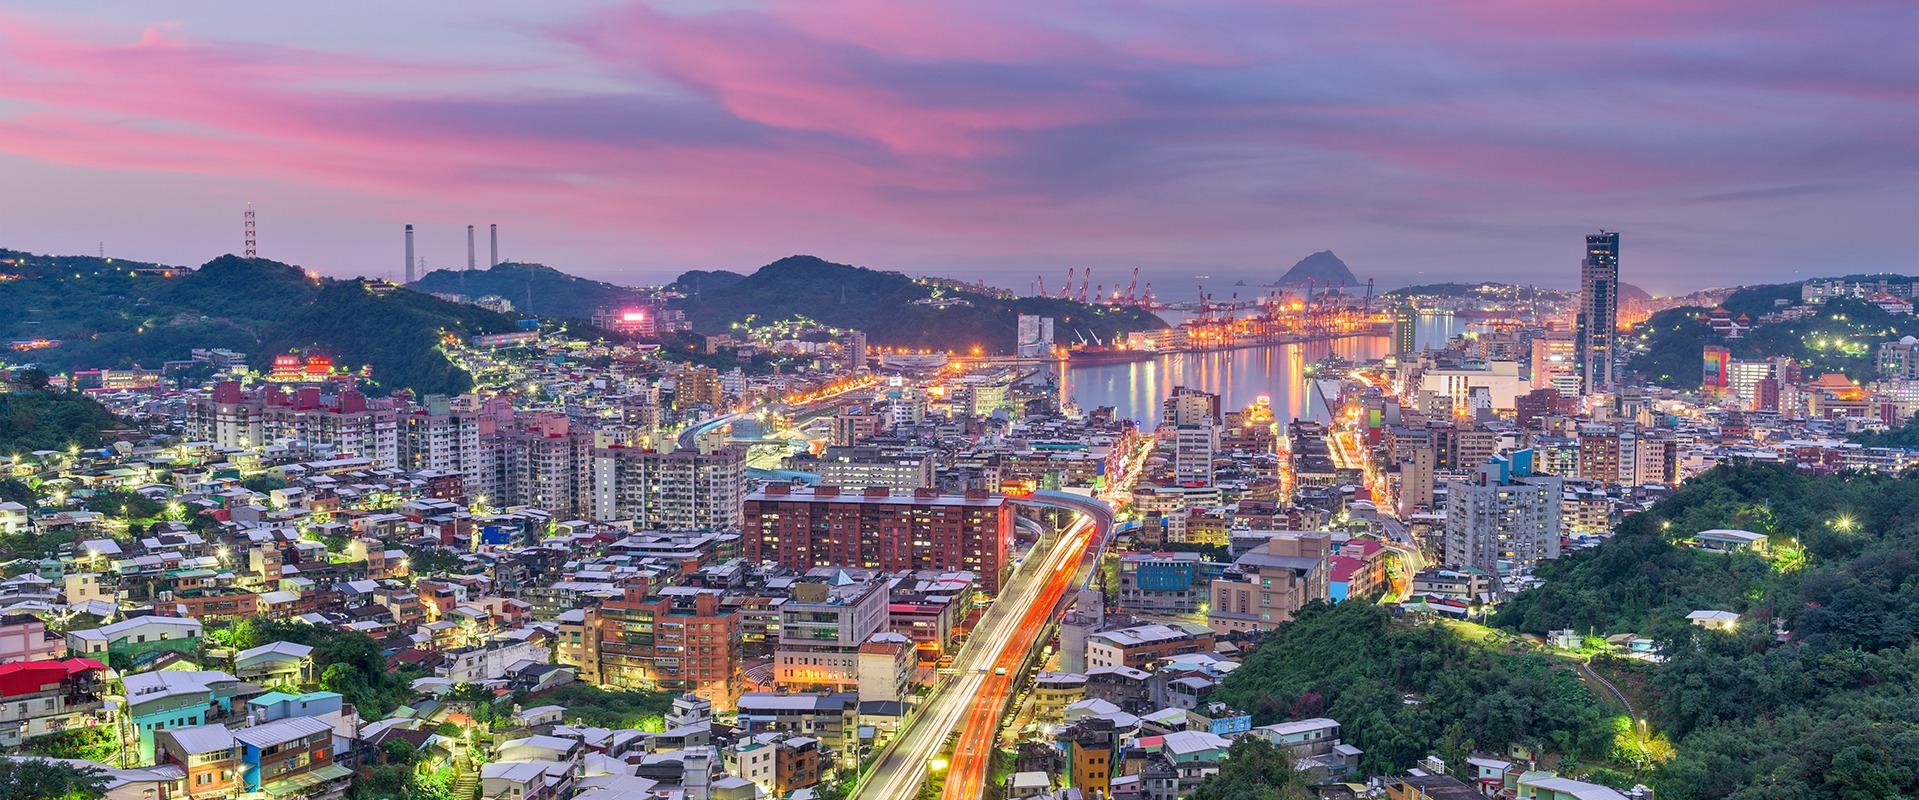 keelung city taiwan